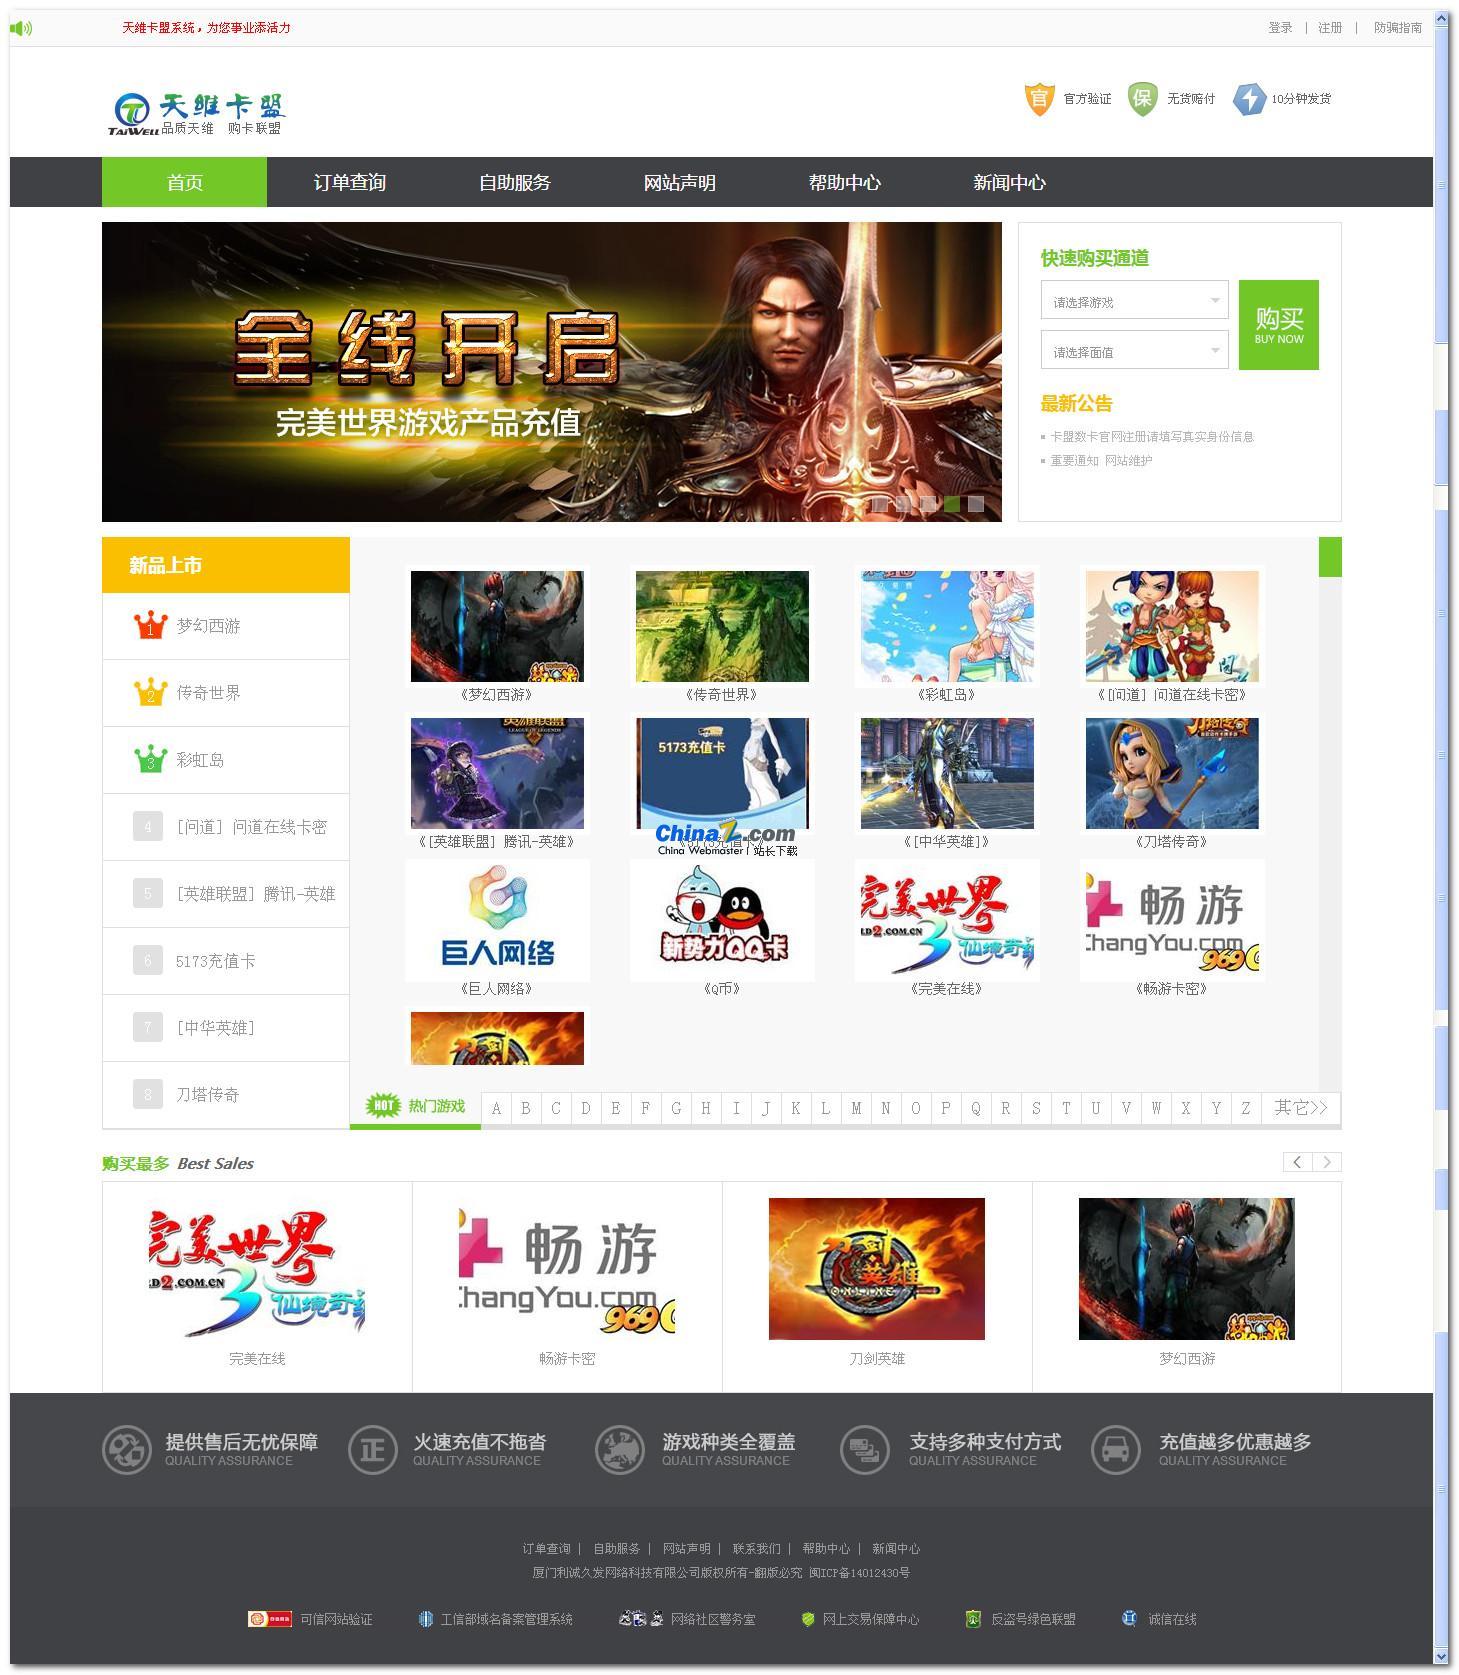 天维卡盟平台V3.0 卡盟网站源码 【站长聚集地首发】